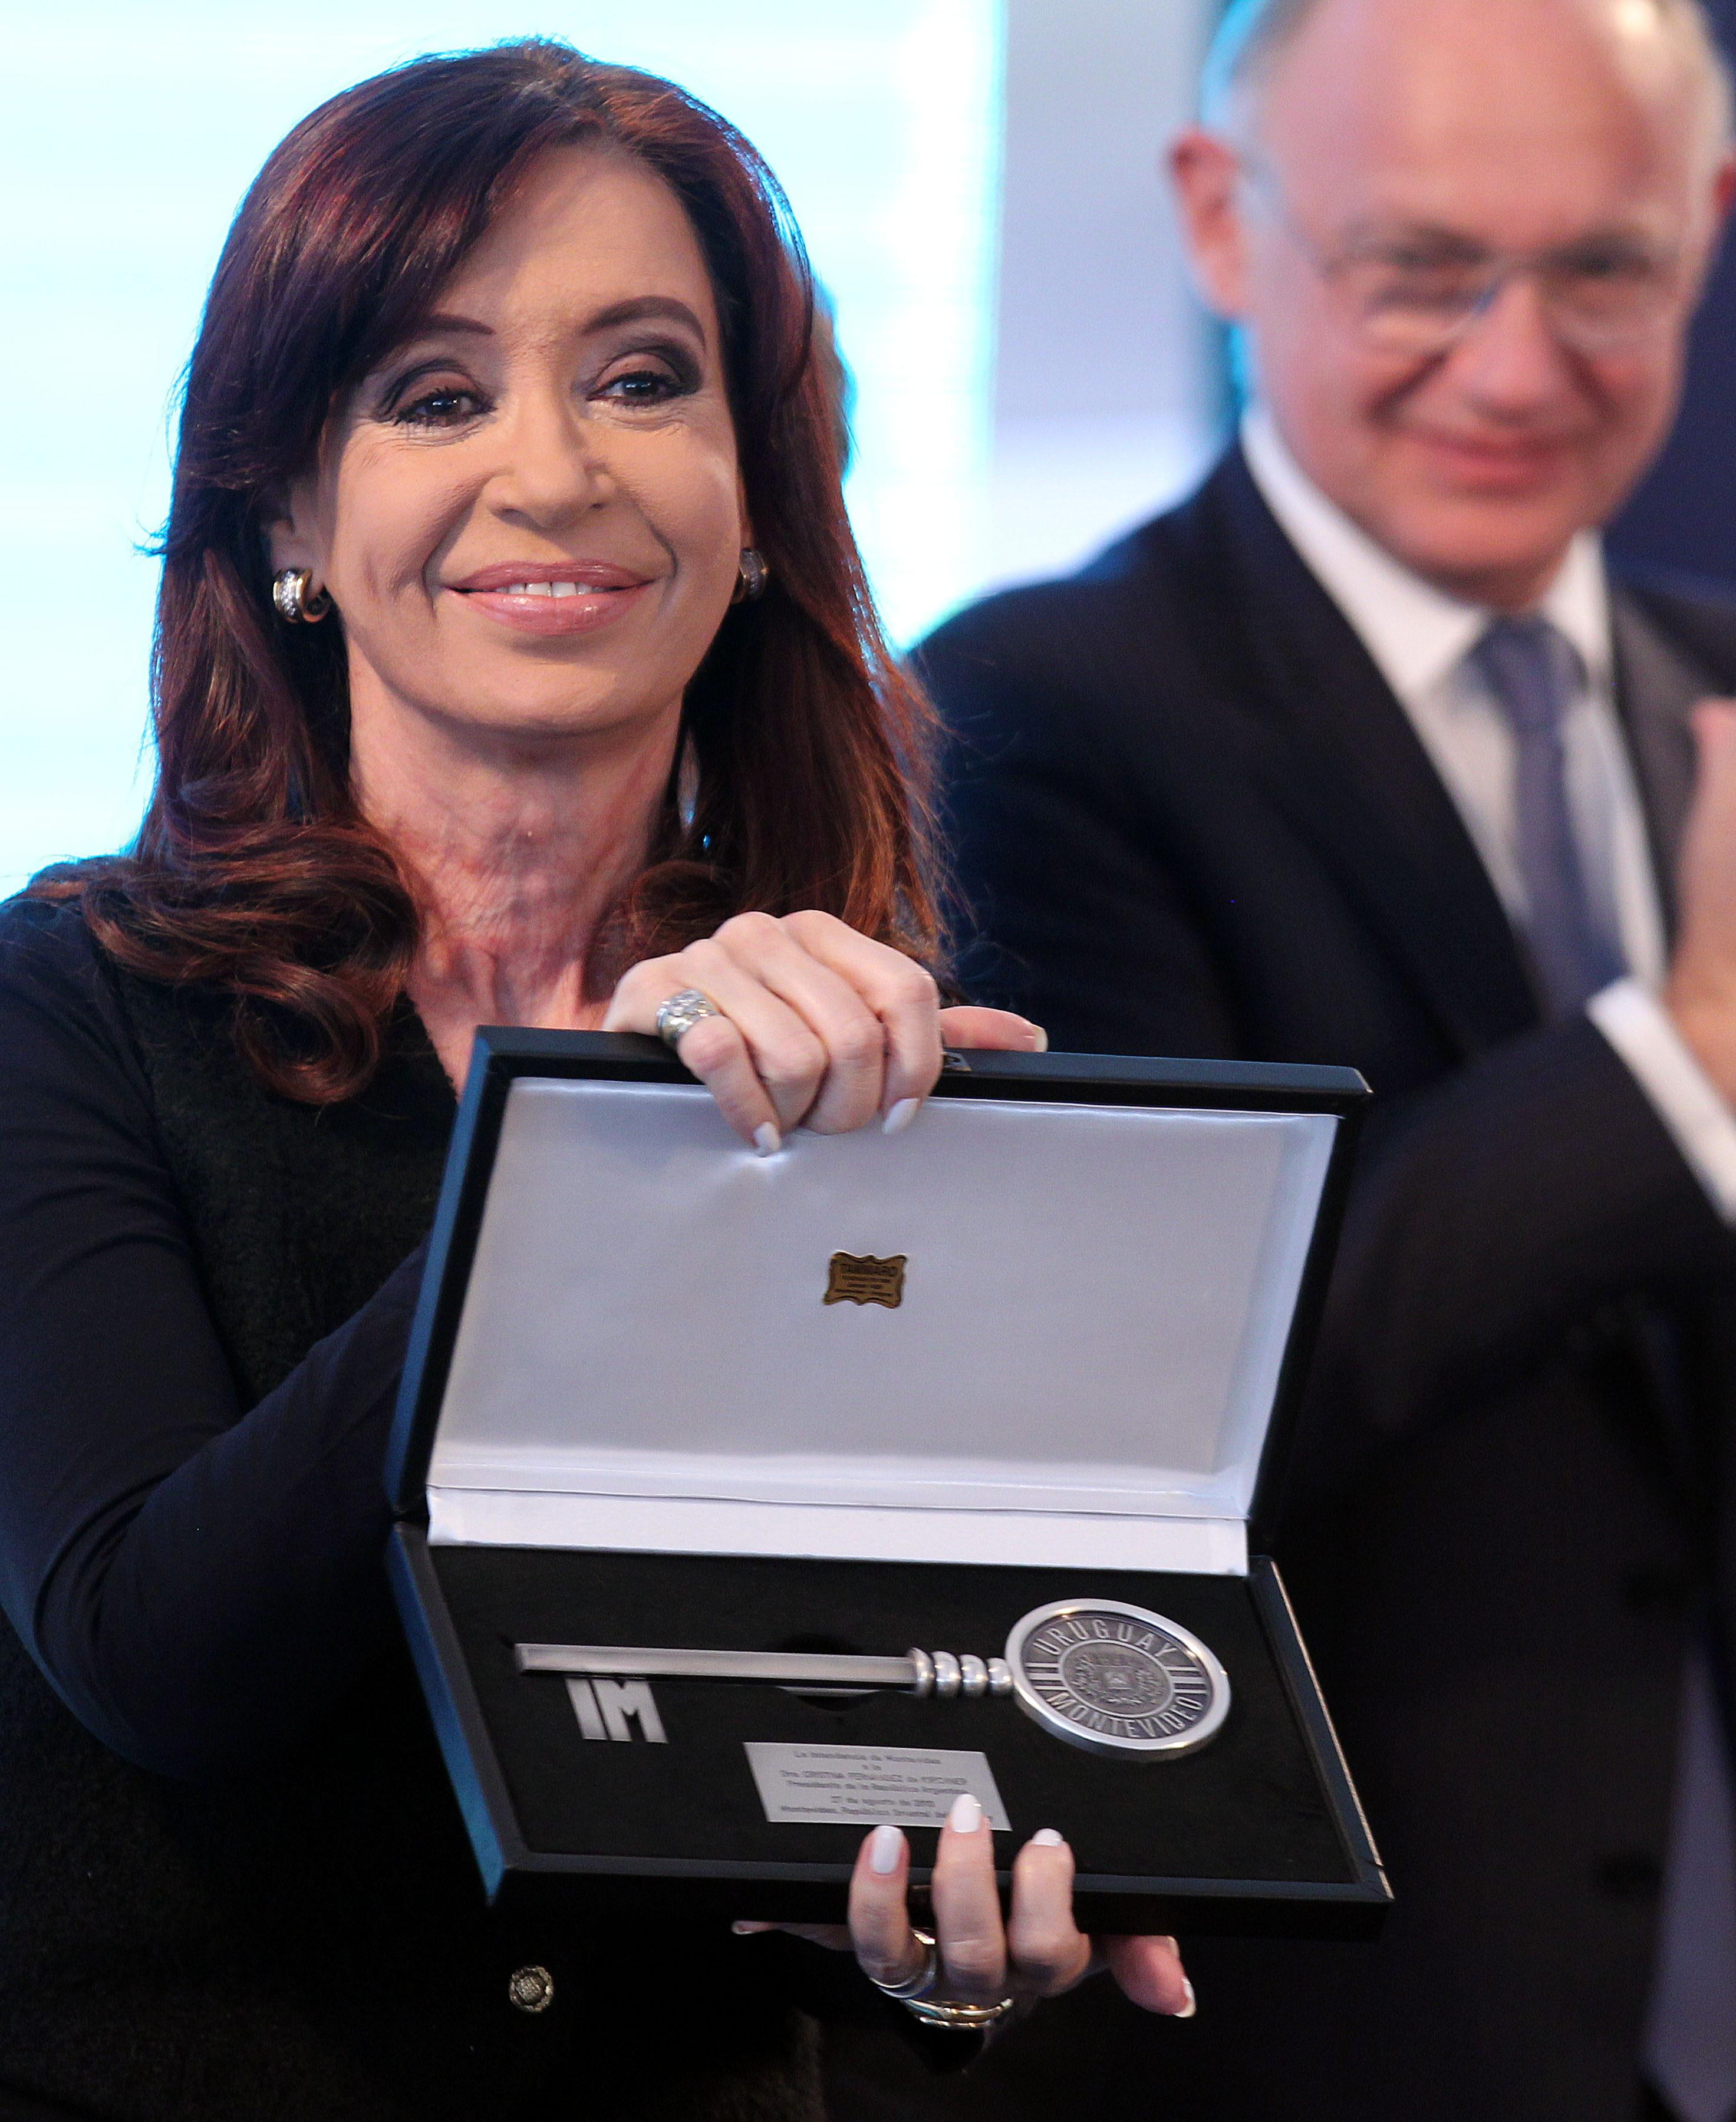 Kirchner quiere quitar el IRPF para los que ganen menos de 1.986 euros